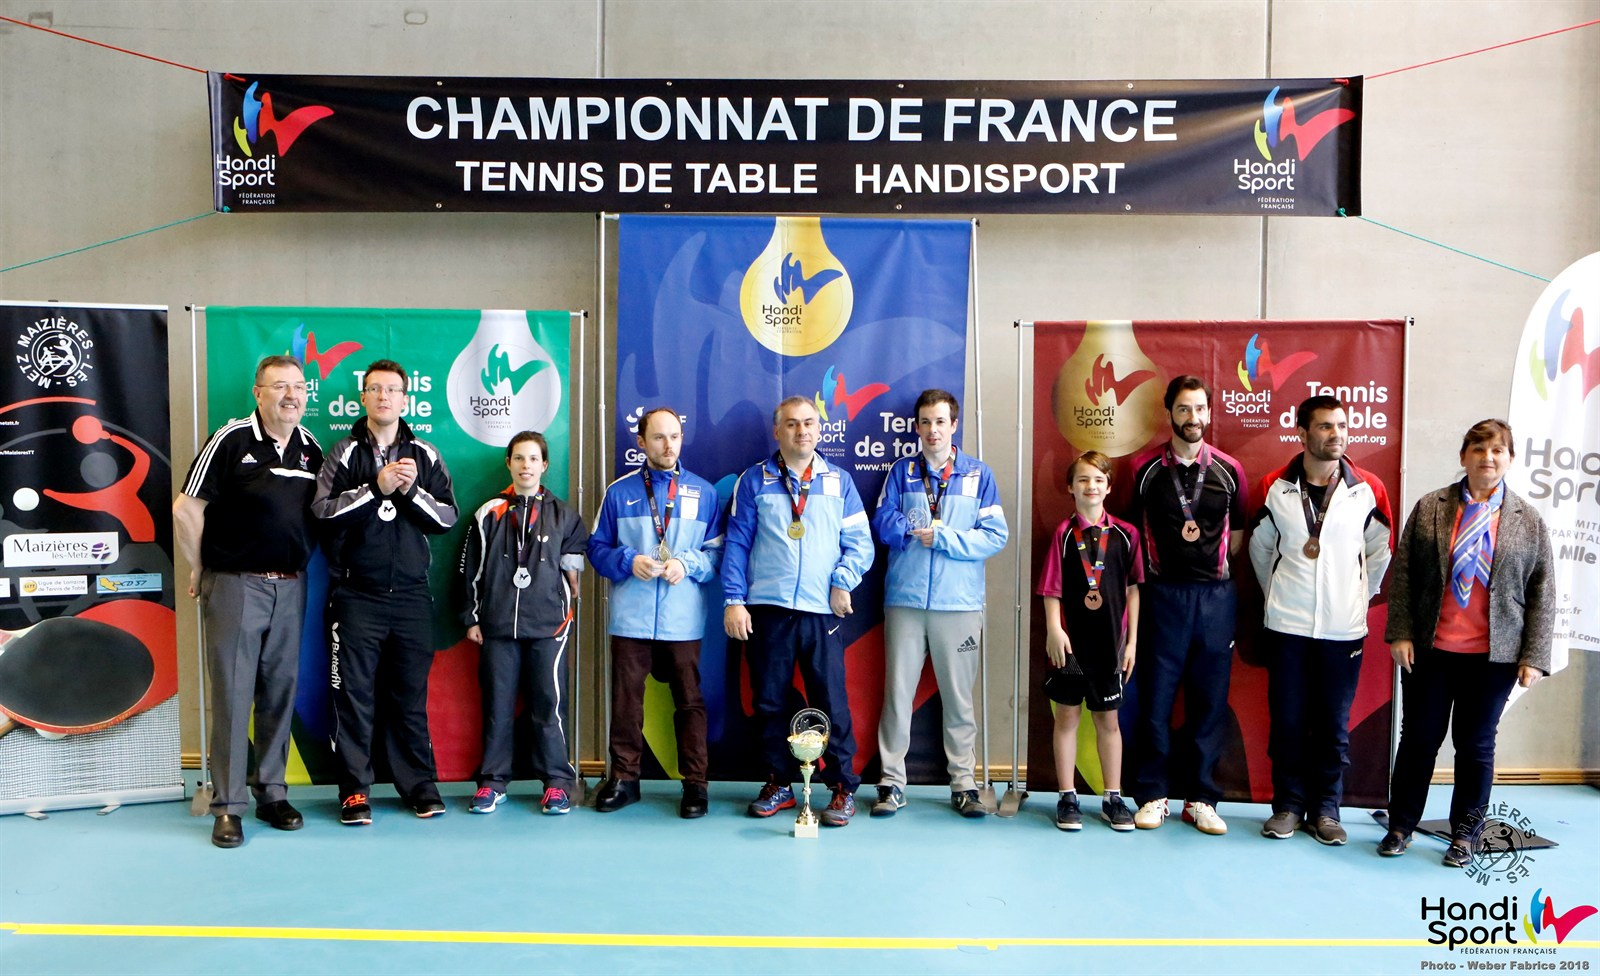 Championnats de France Handisport par équipes 2018 - Classement - Tableau DEBOUT | Fabrice WEBER